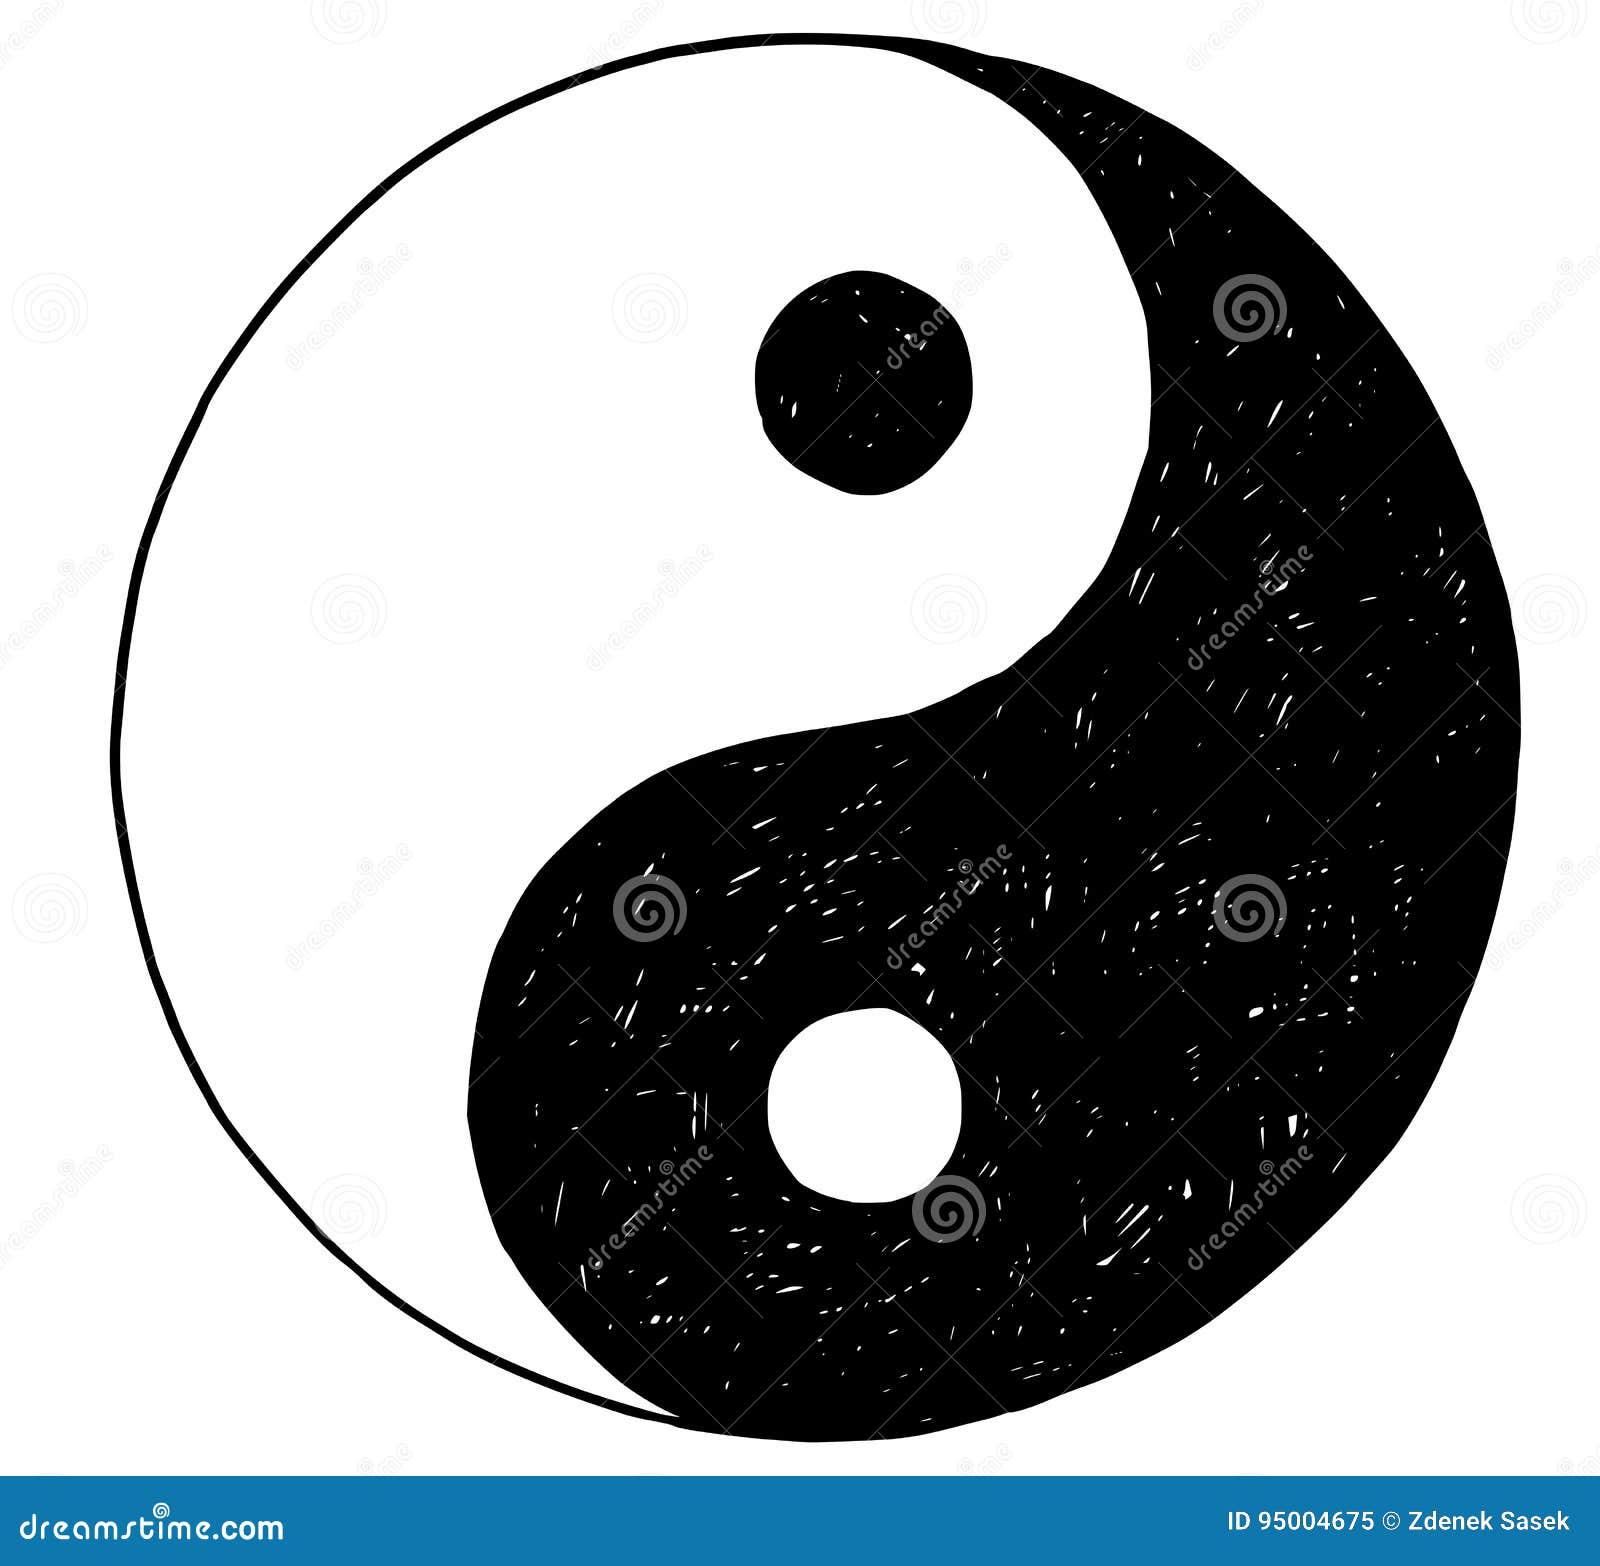 Dibujo De La Mano De Yin Yang Jin Jang Symbol Ilustración Del Vector